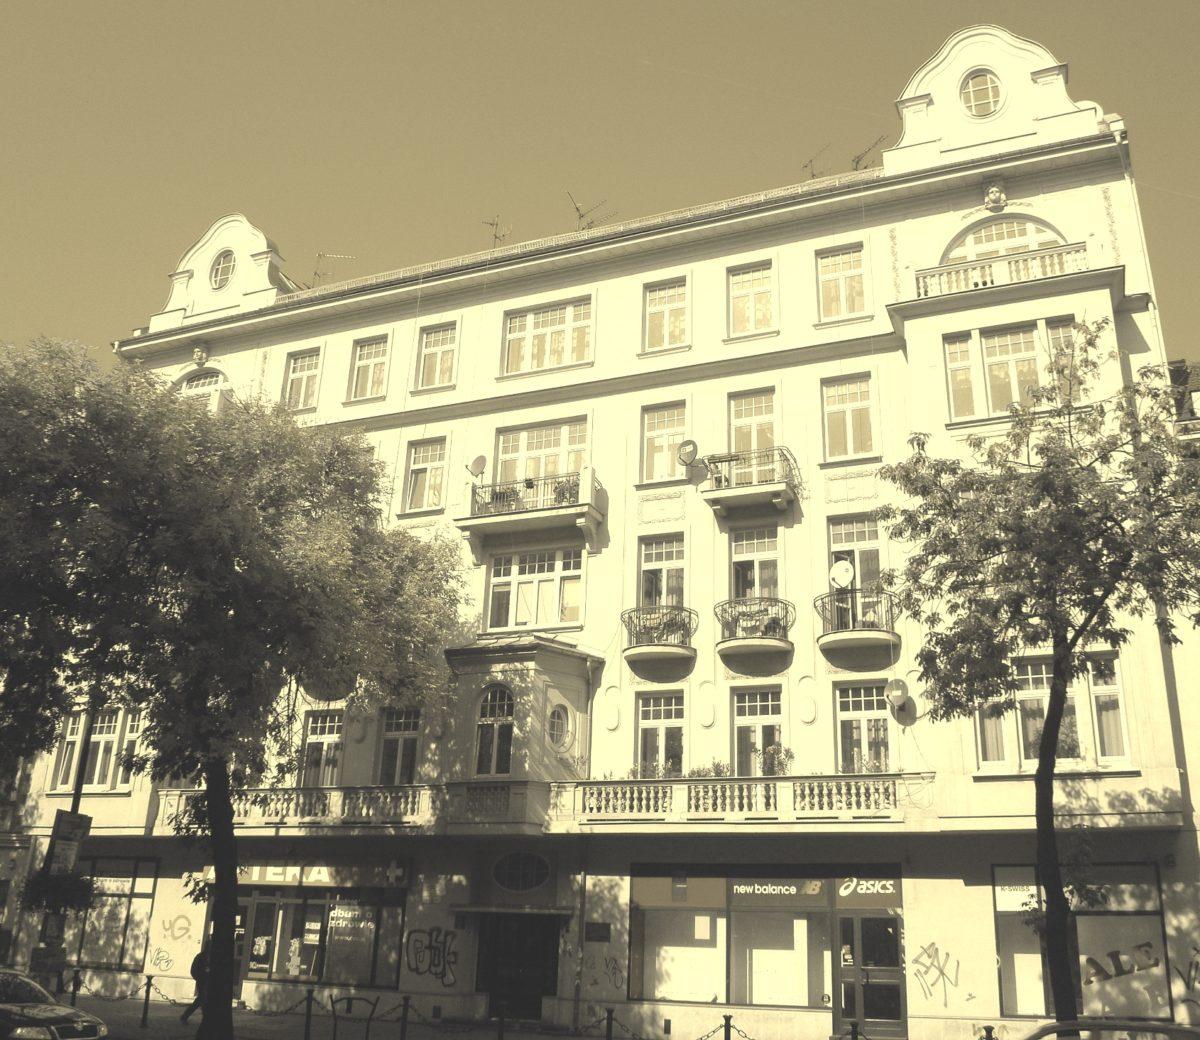 Prywatna Lecznica przy ulicy Krakowskie Przedmieście 49 (dawniej 47)